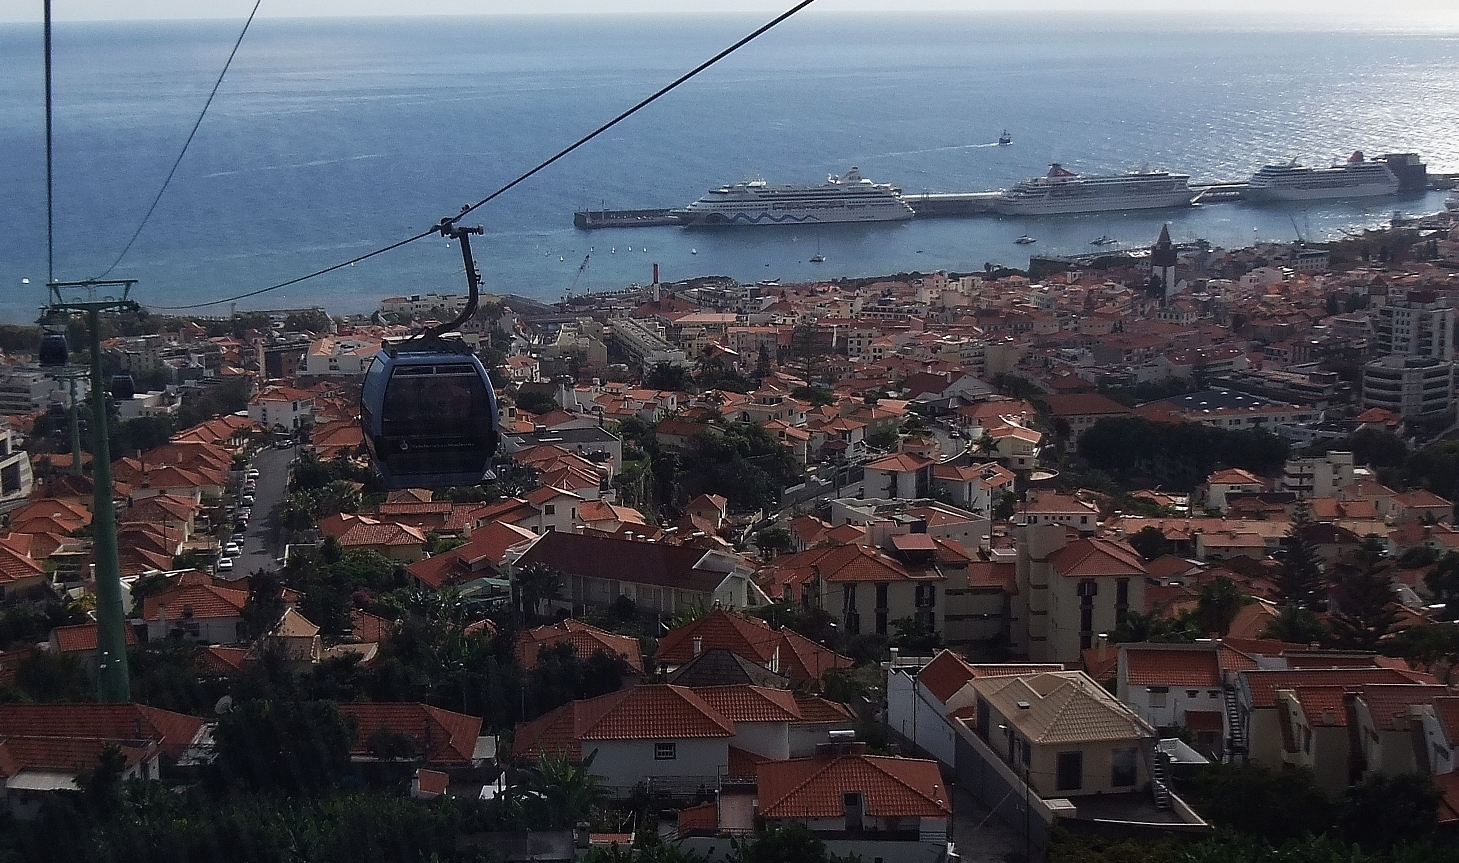 Seilbahn von Monte nach Funchal